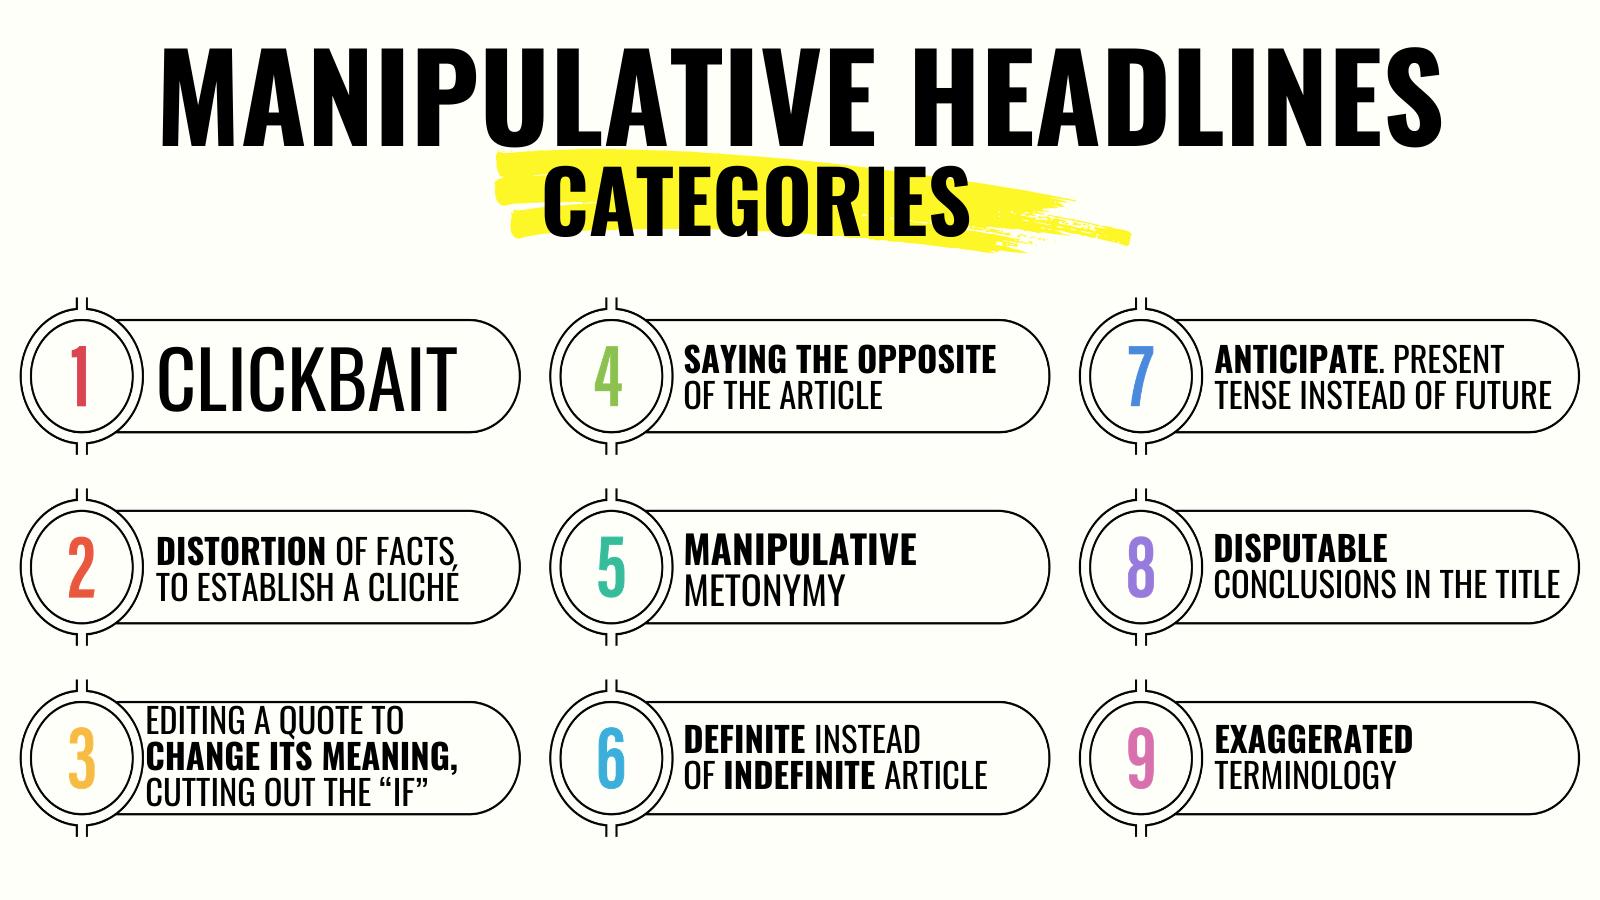 Dziewięć kategorii manipulujących nagłówków